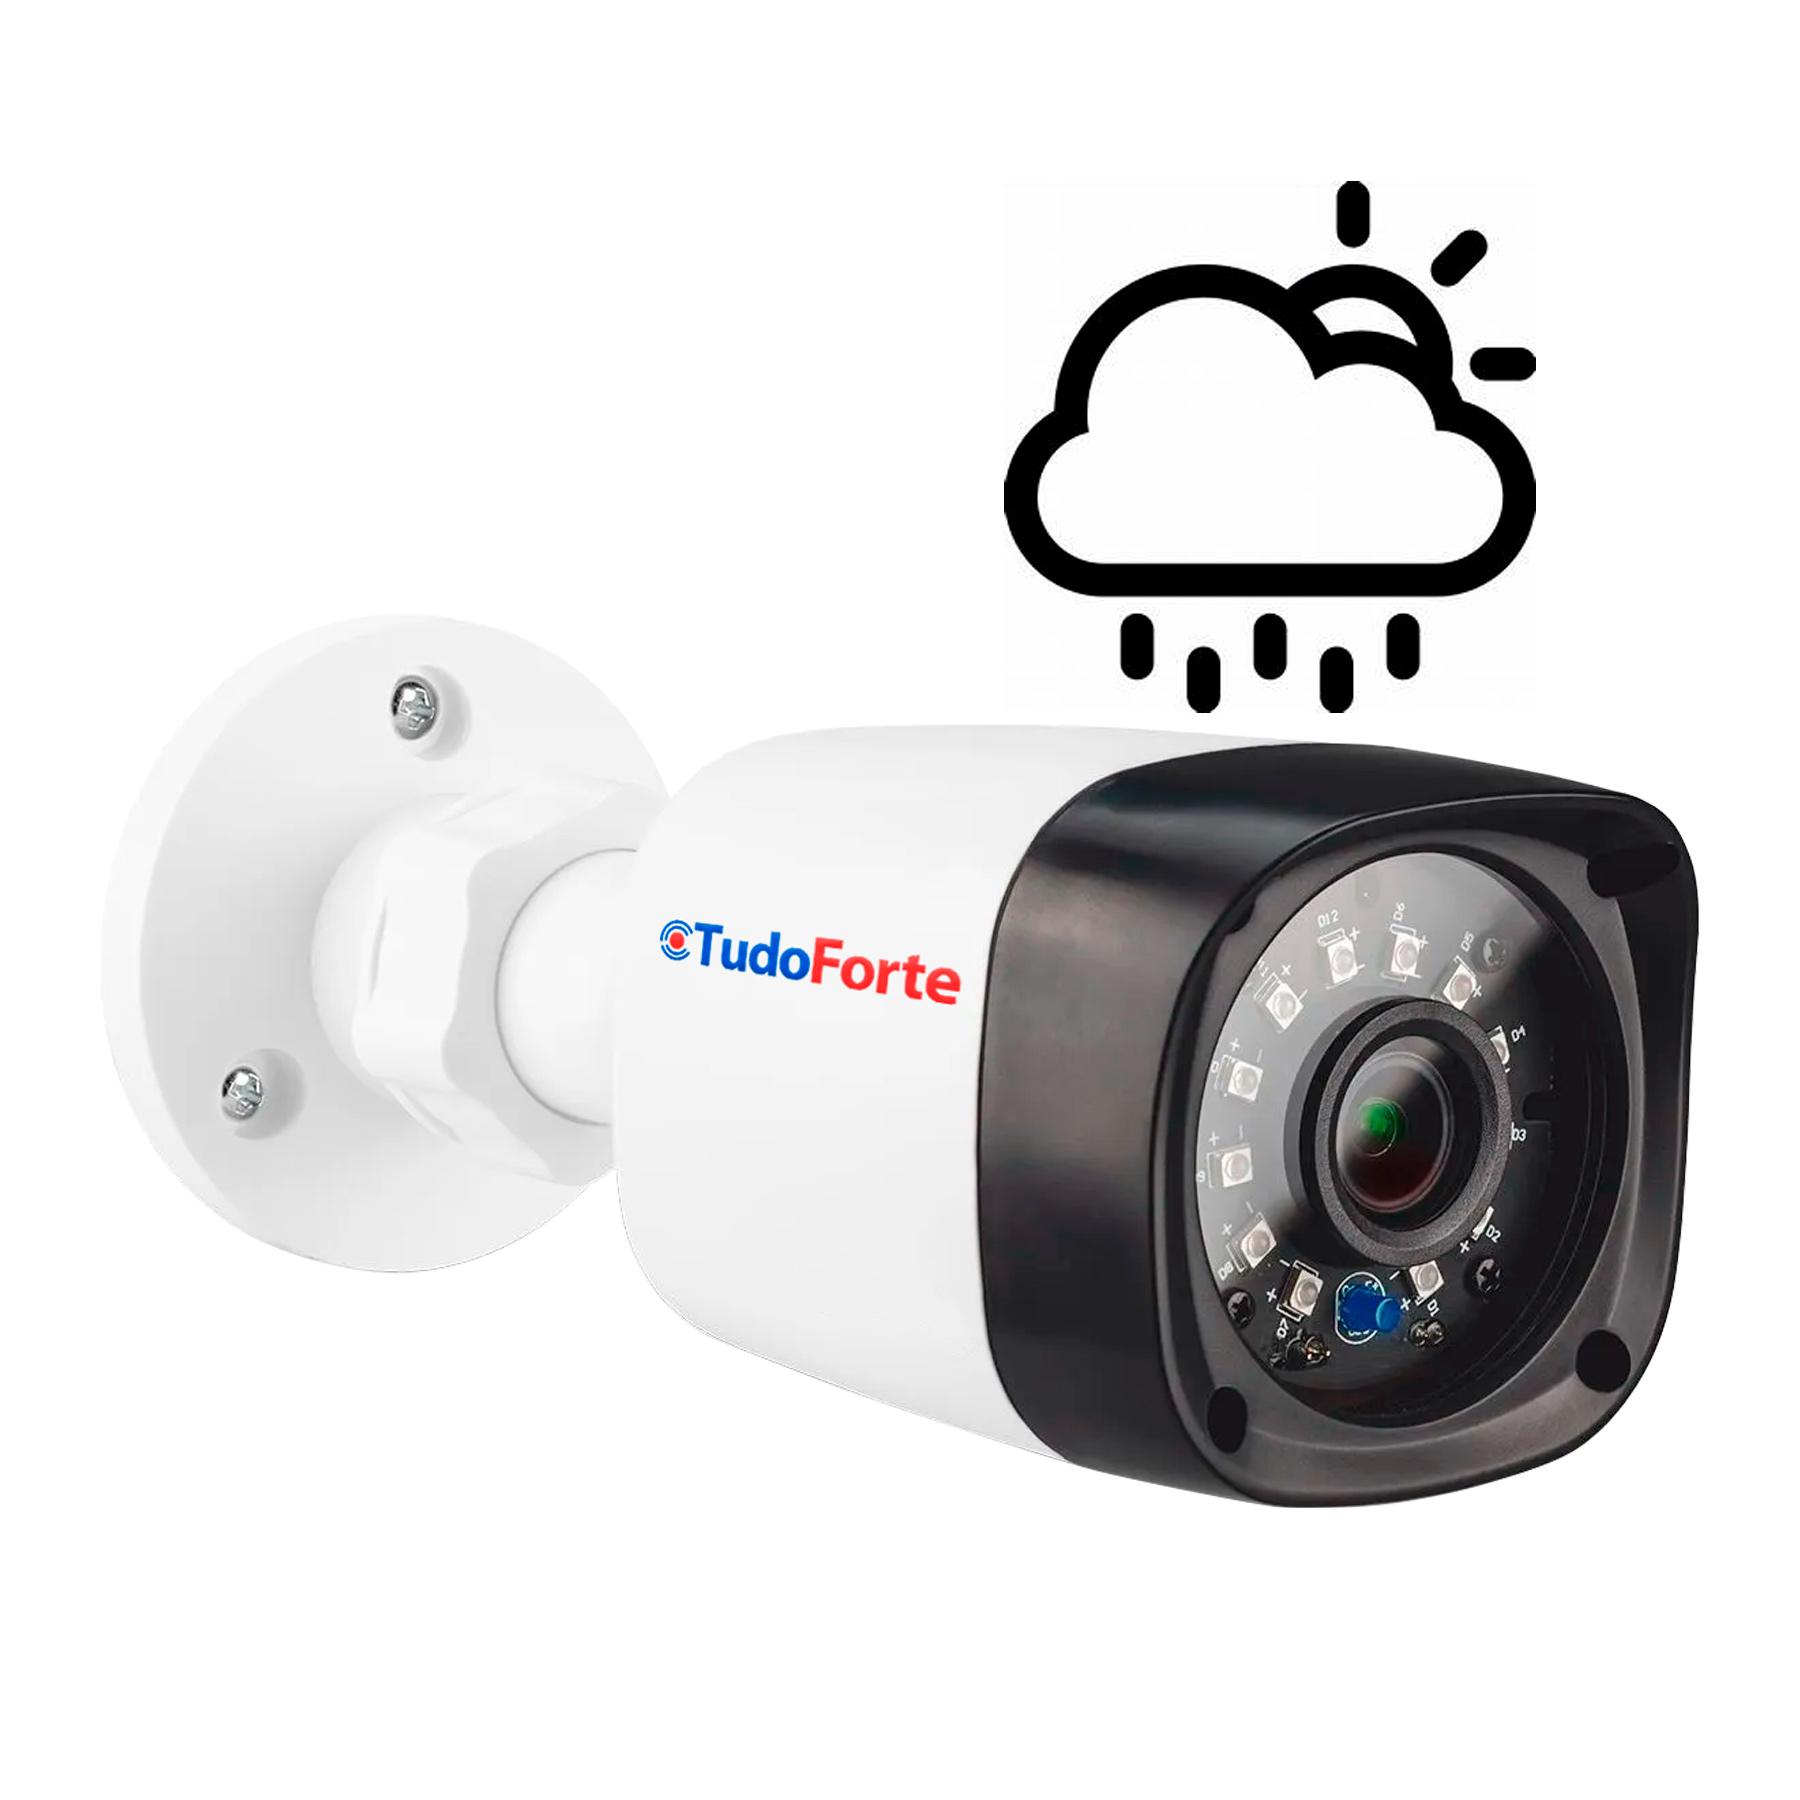 kit-2-cameras-vhd-3130-b-g6-dvr-intelbras-app-gratis-de-monitoramento-cameras-hd-720p-30m-infravermelho-de-visao-noturna-intelbras-fonte-cabos-e-acessorios-03